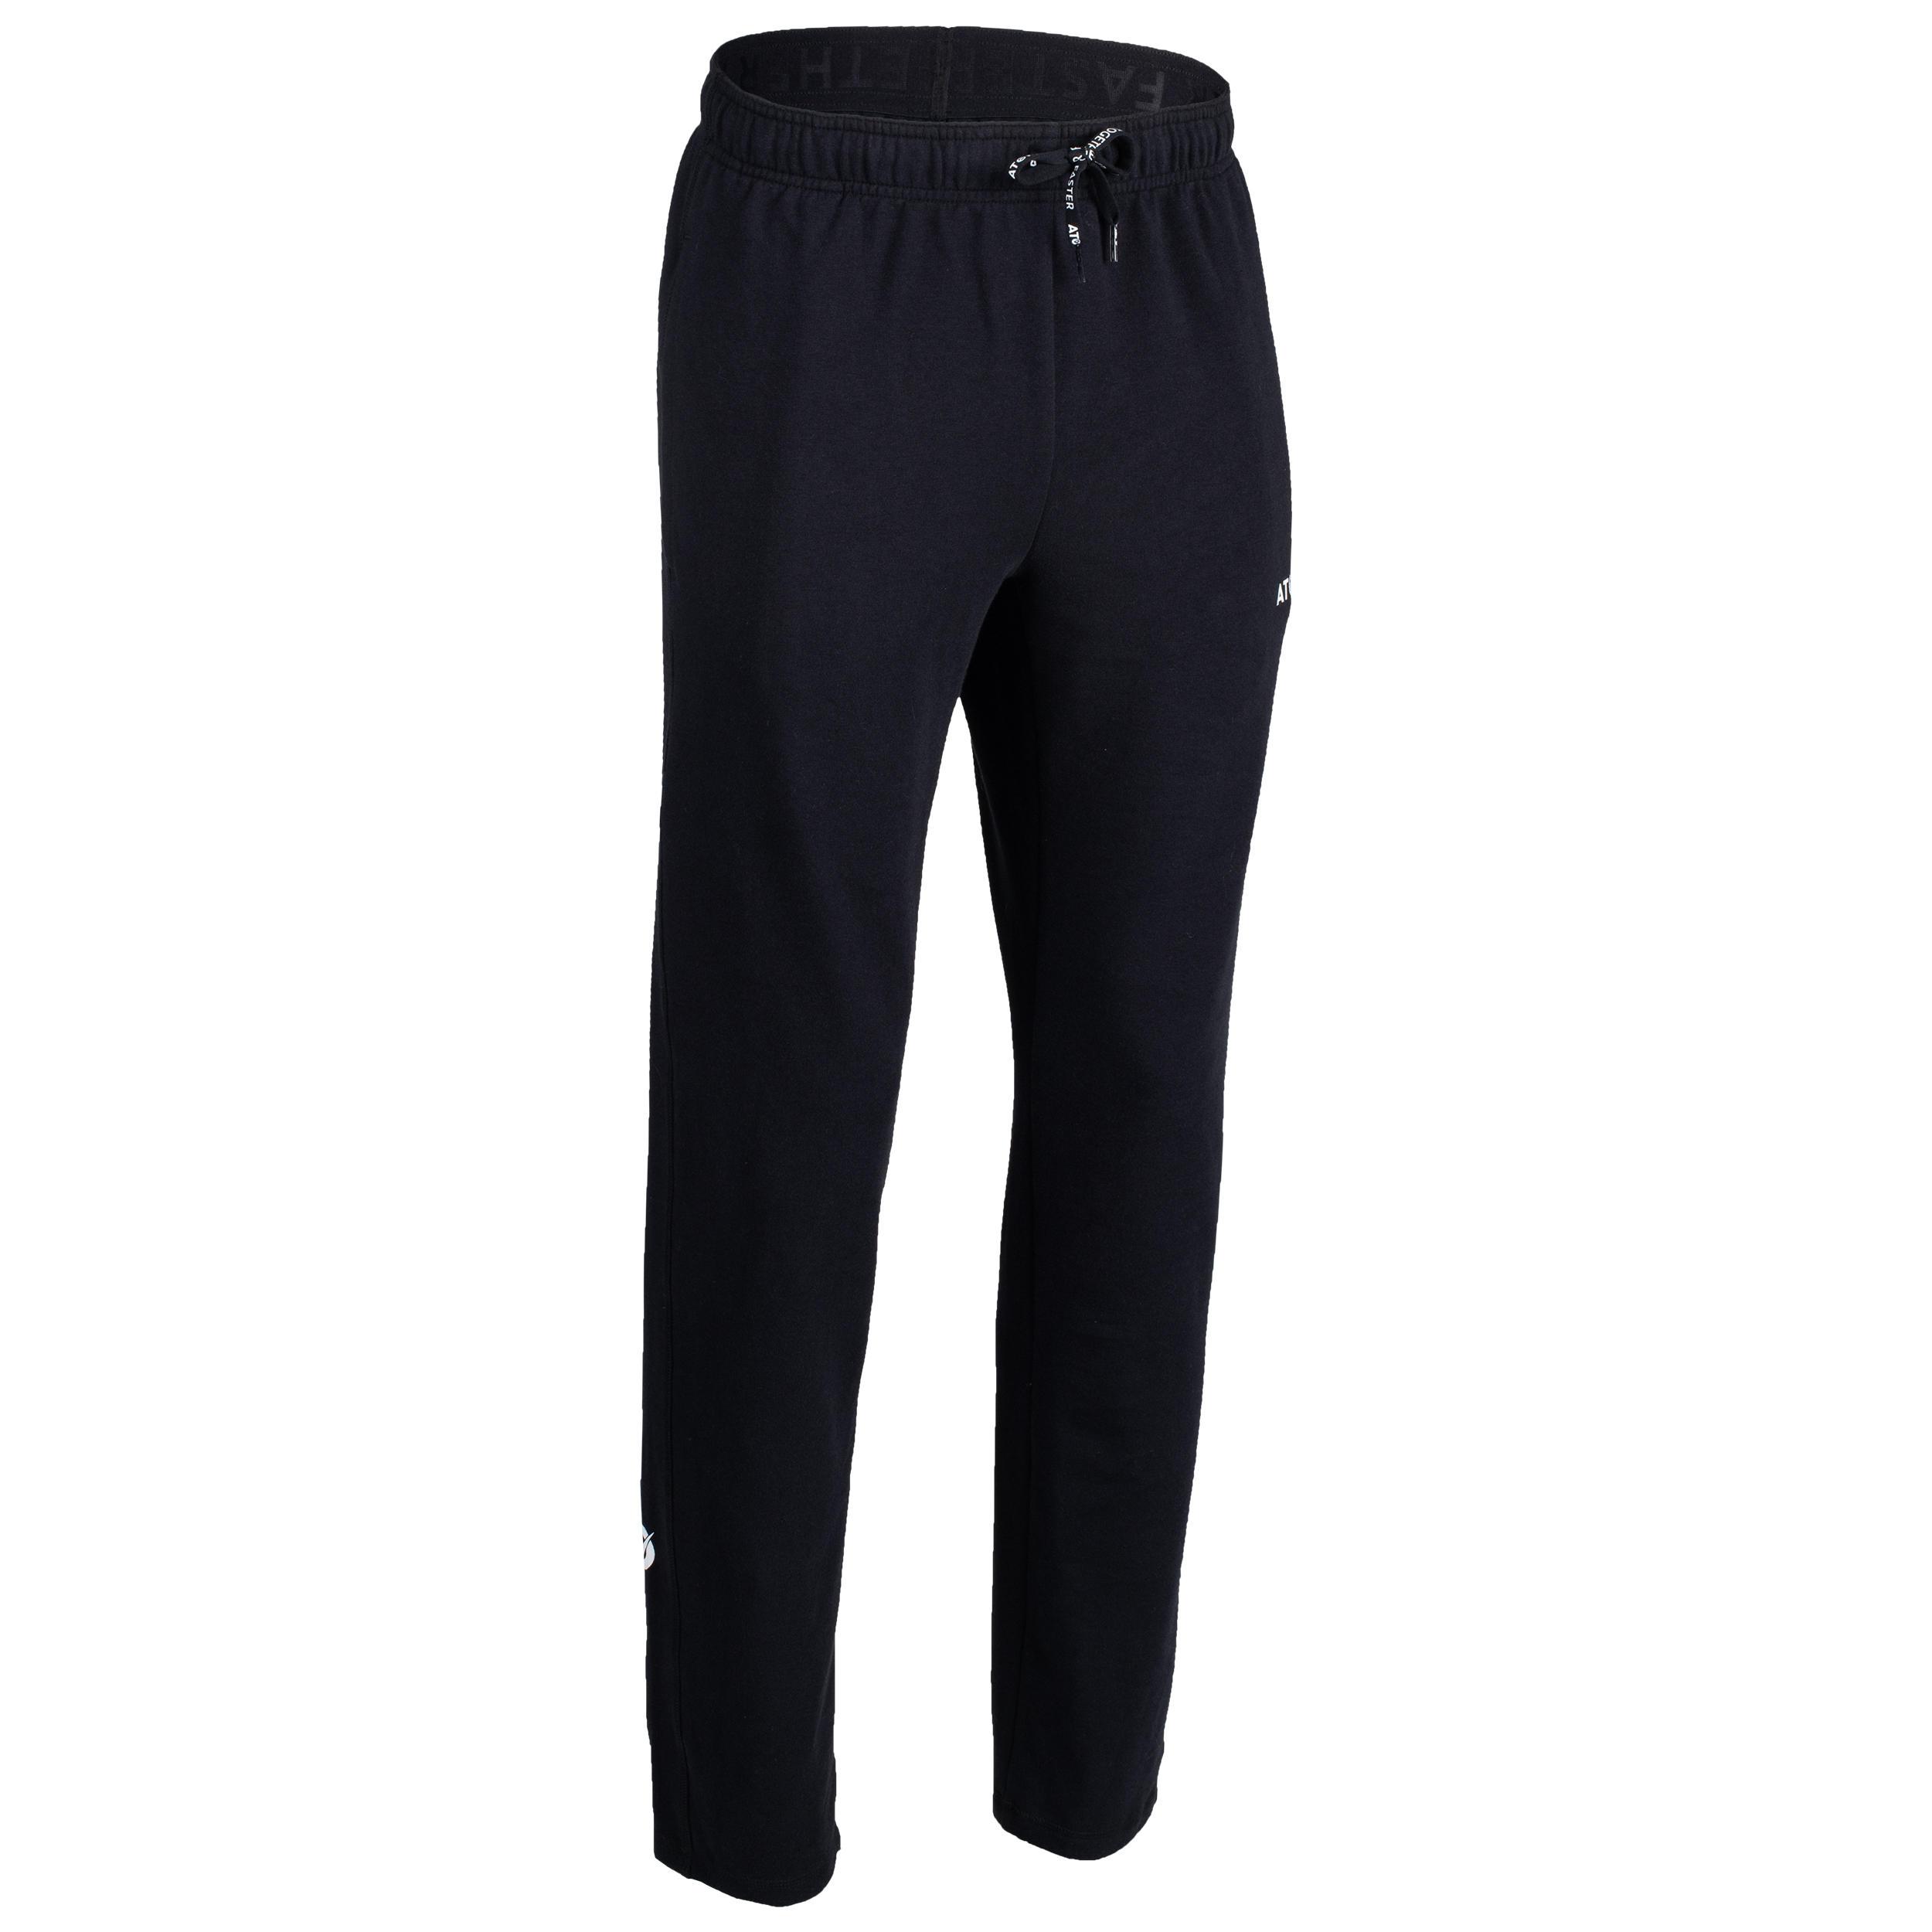 Pantalon Handbal H500 imagine